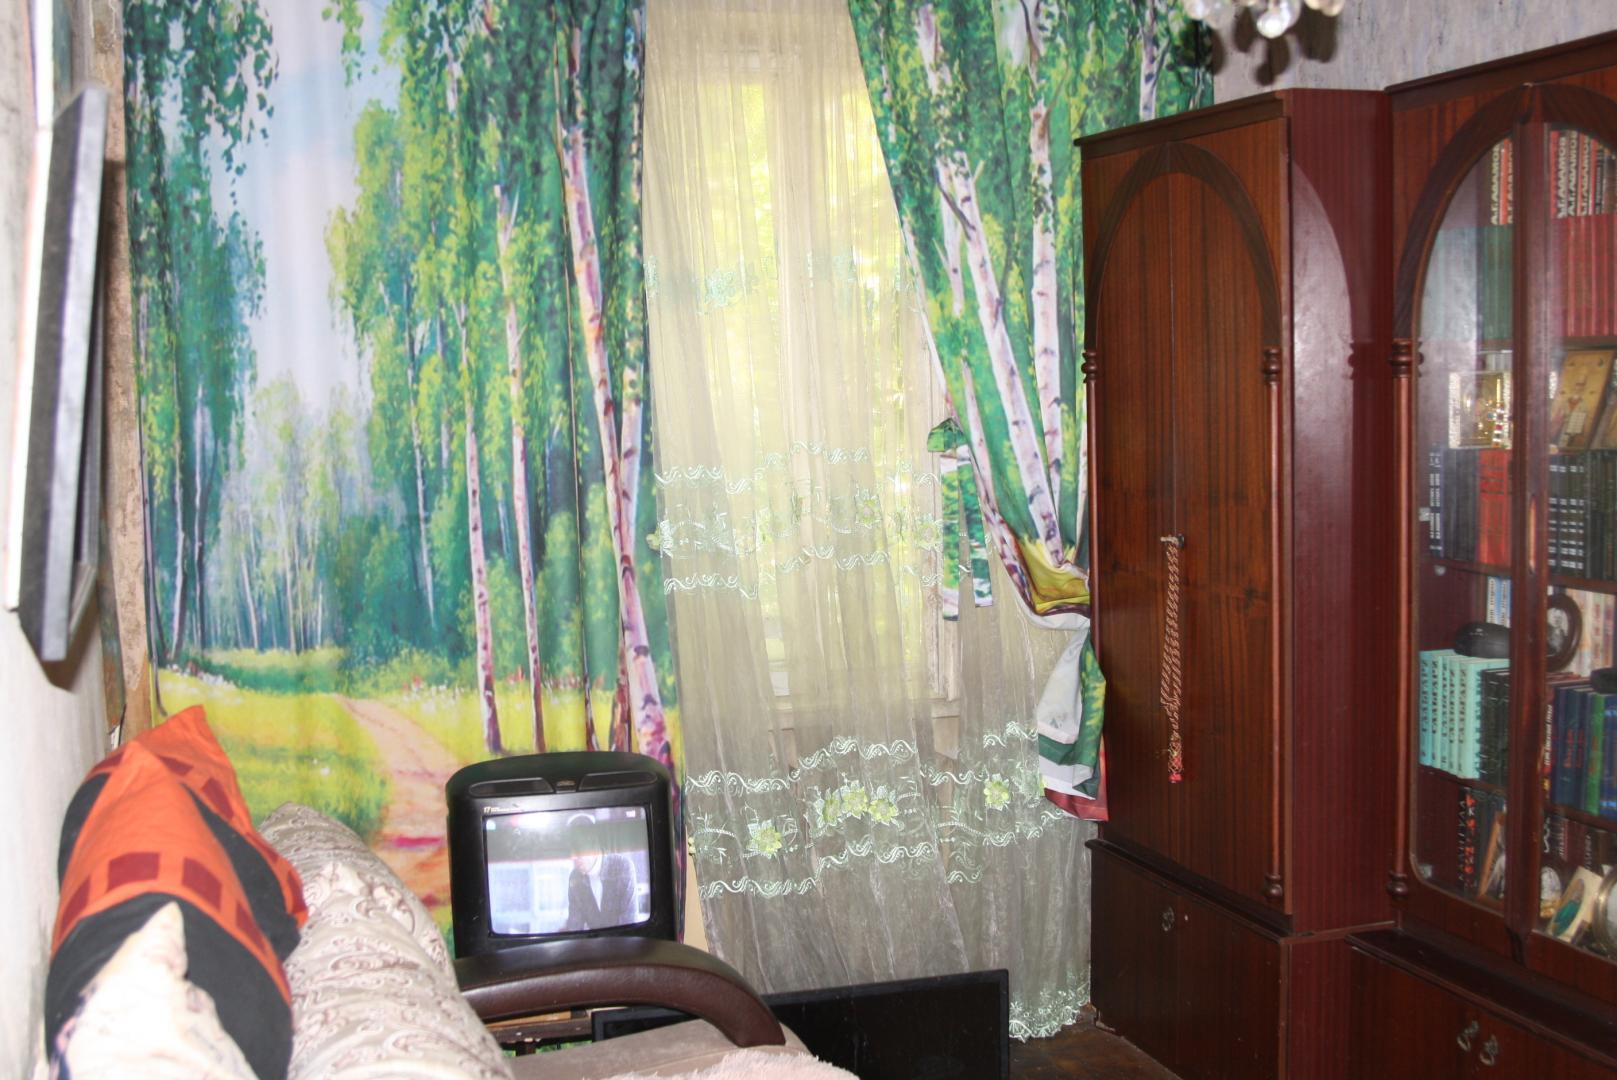 Квартира на продажу по адресу Россия, Московская область, городской округ Дзержинский, Дзержинский, улица Ленина, 13